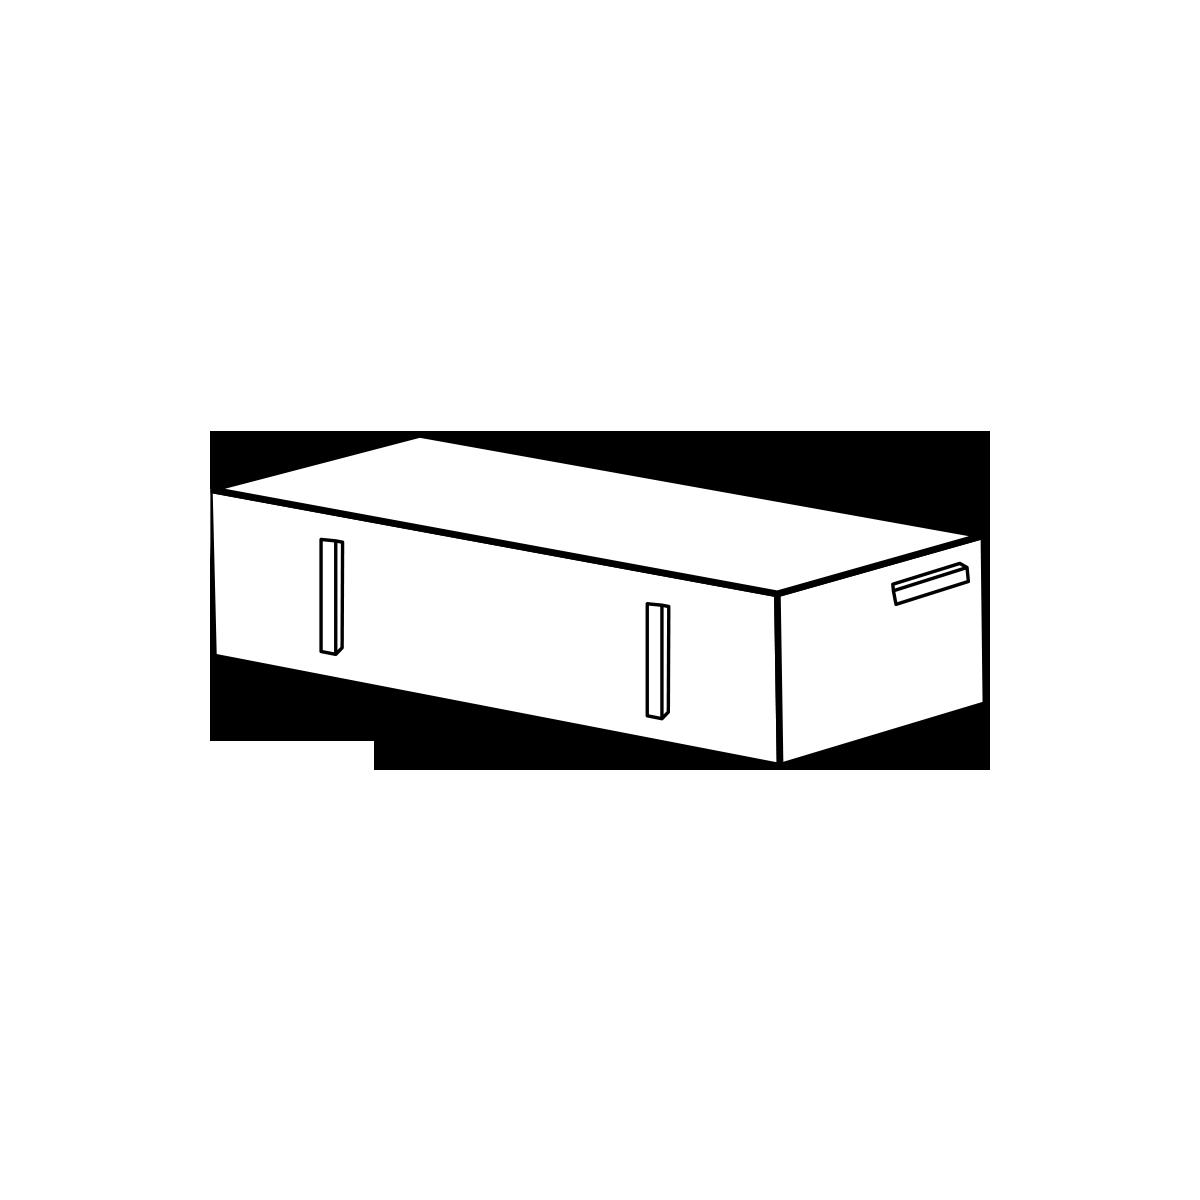 Betonklinker M23 11,5x23x6,5 cm Sort/Antracit Normalsten